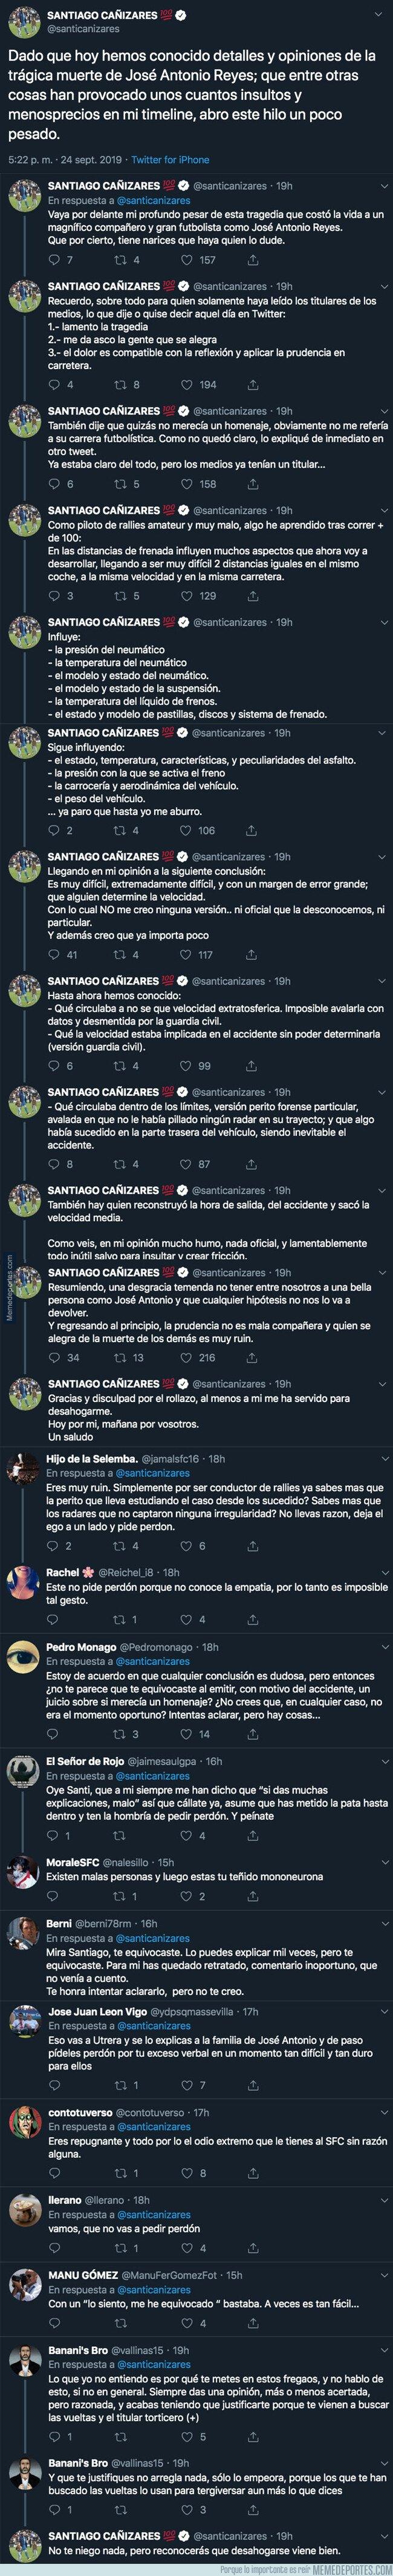 1086743 - Salen nuevos datos sobre el accidente de José Antonio Reyes y Cañizares tiene que salir a defenderse por lo que dijo en su día